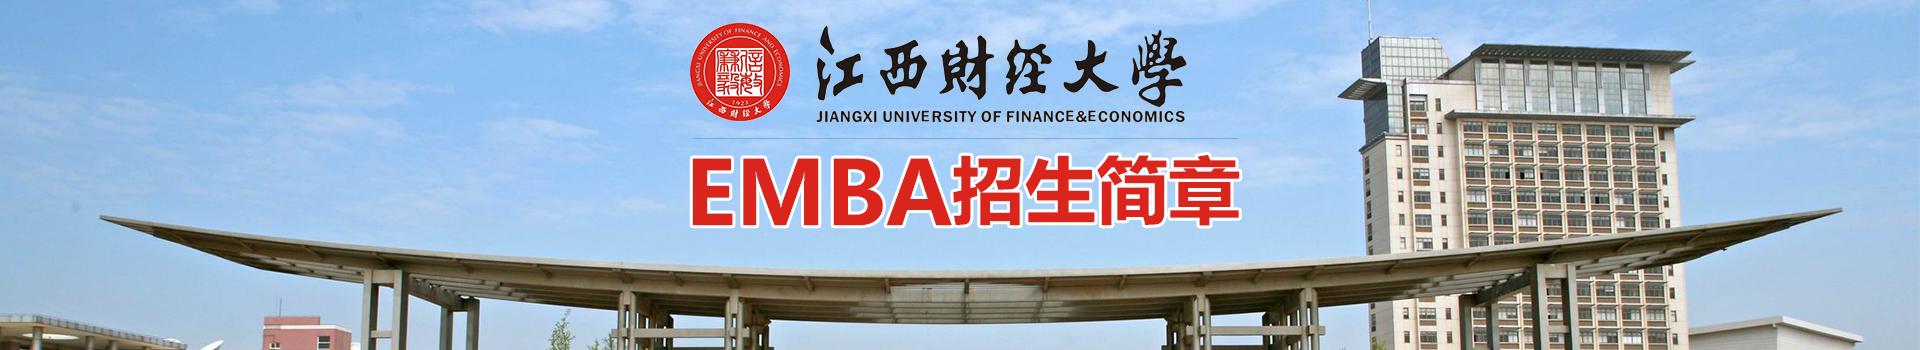 江西财经大学EMBA教育学院高级工商管理硕士EMBA招生简章